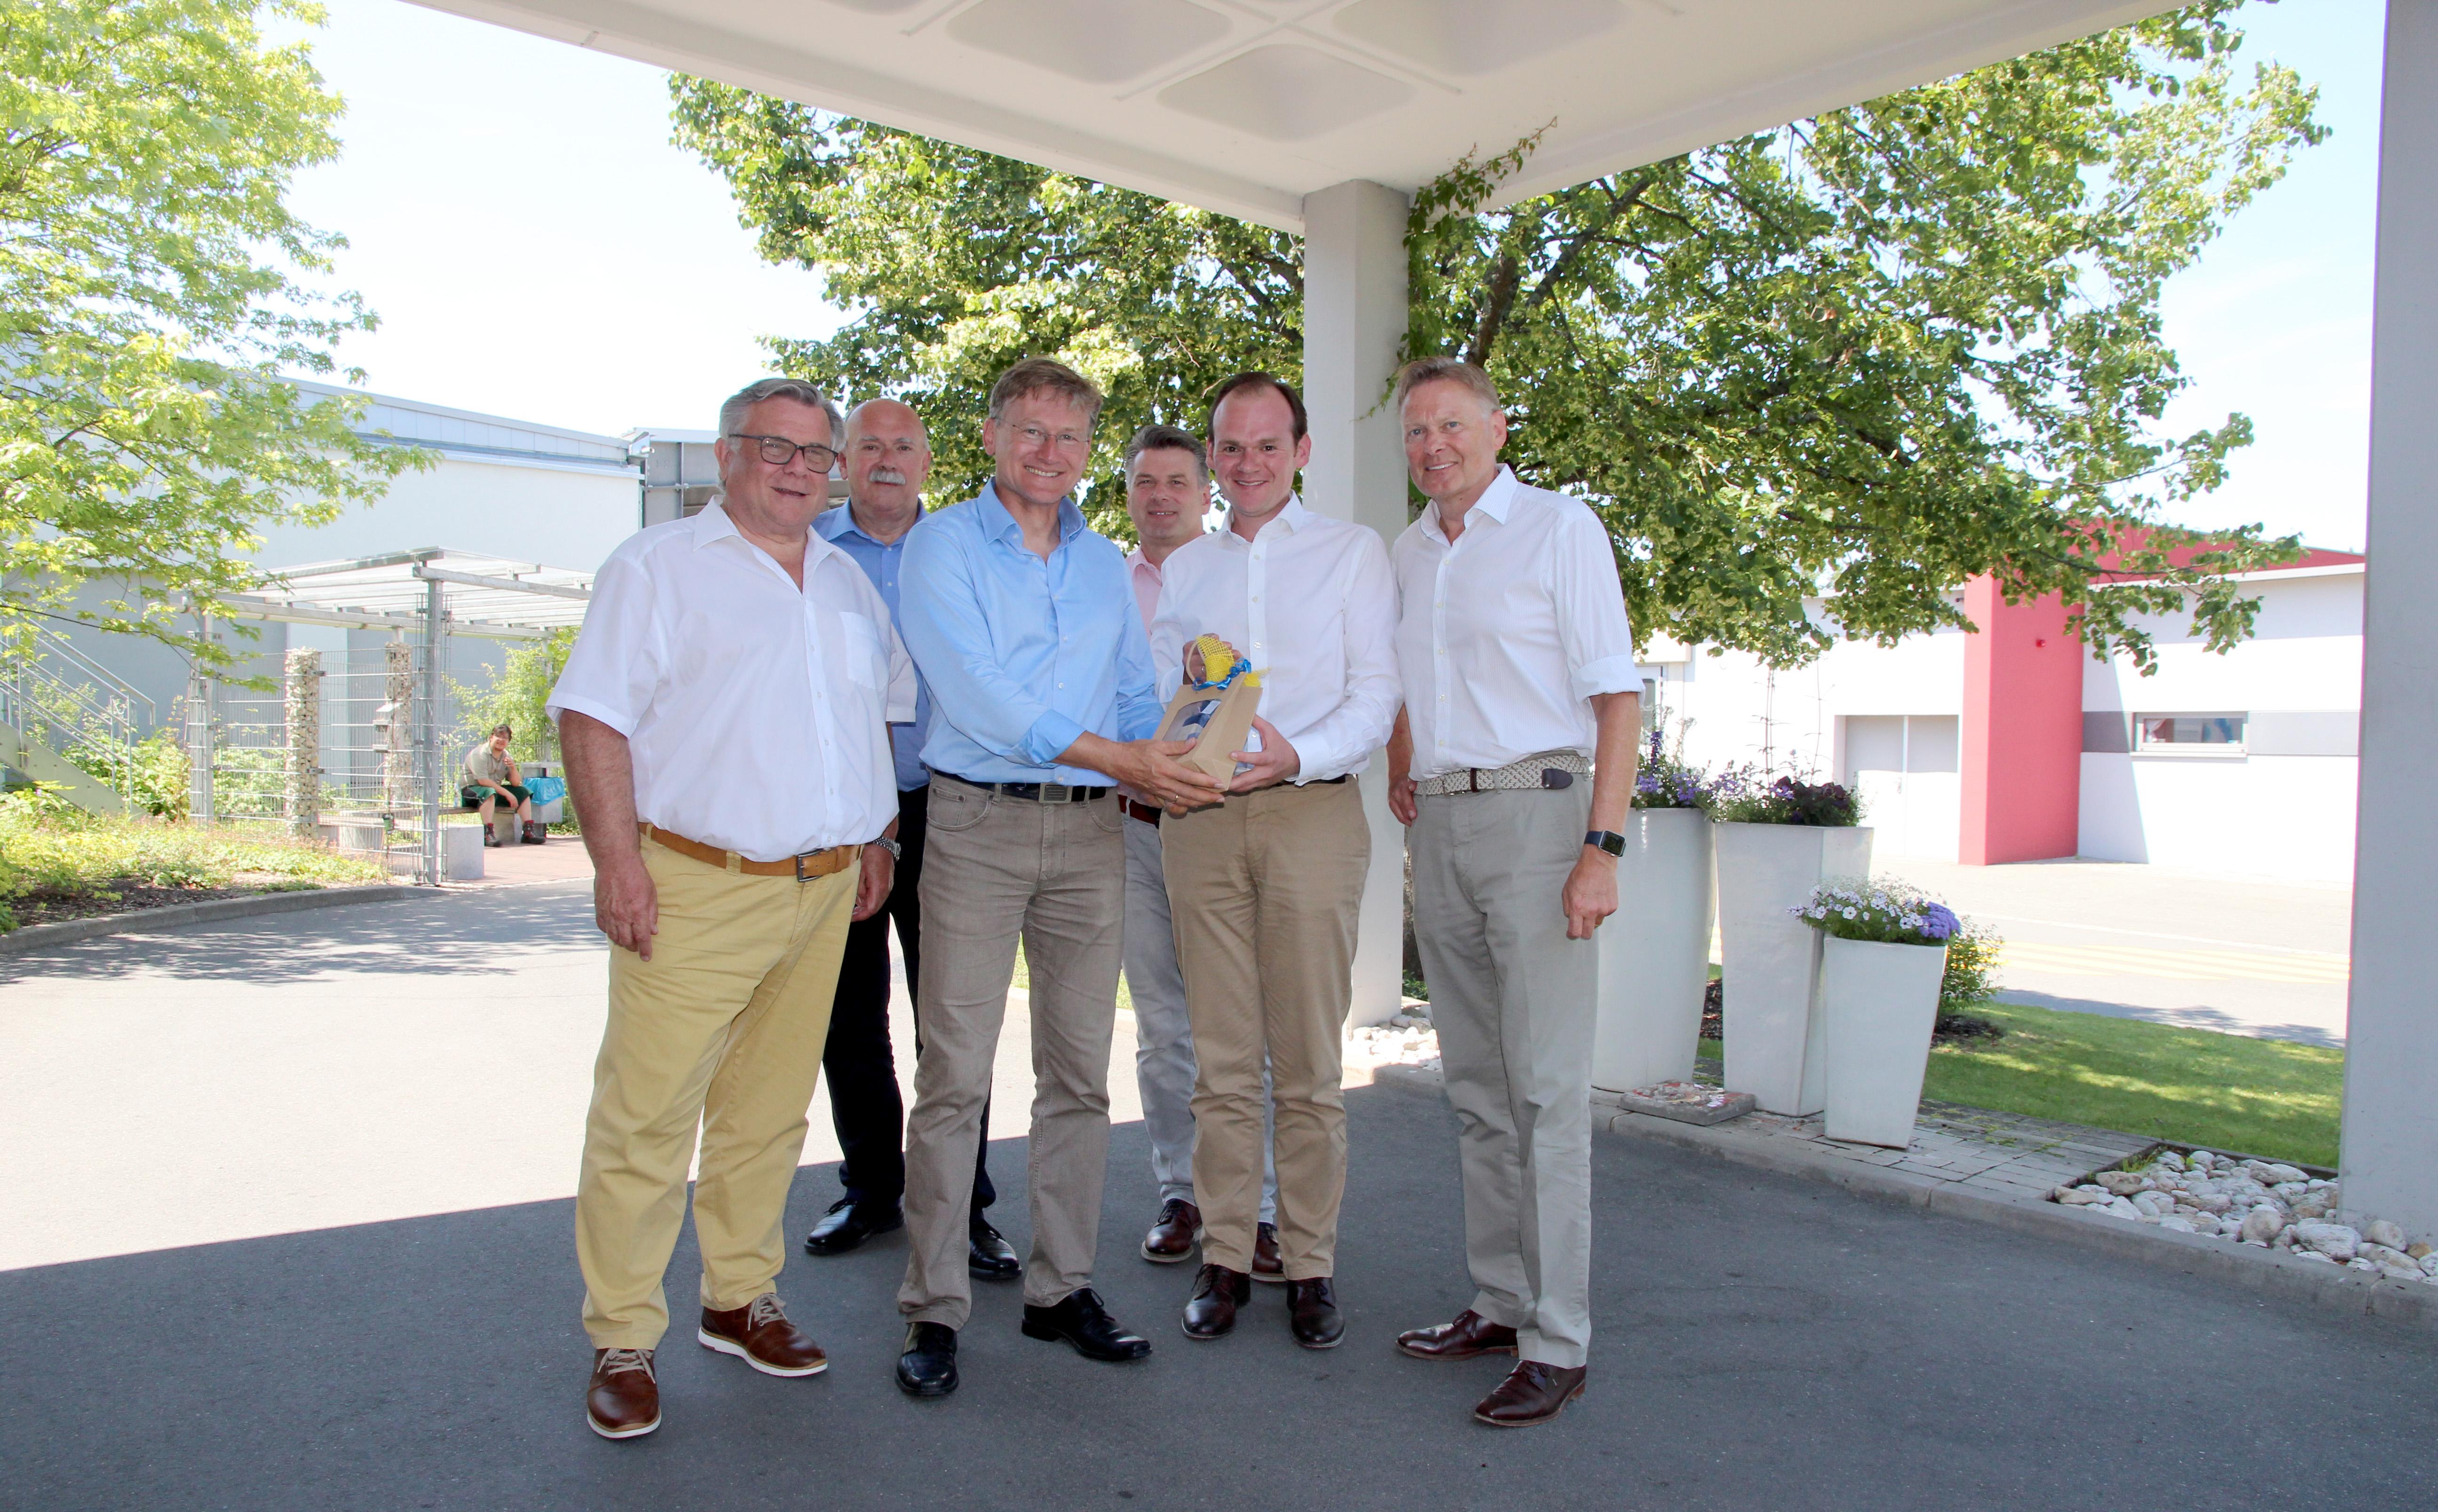 CJT-Chef (Bildmitte) freute sich auch sehr über das fränkische Guzzi, Brotaufstriche, die in der Großküche der Moritzberg-Werkstätten hergestellt und im Werkstattladen verkauft werden.